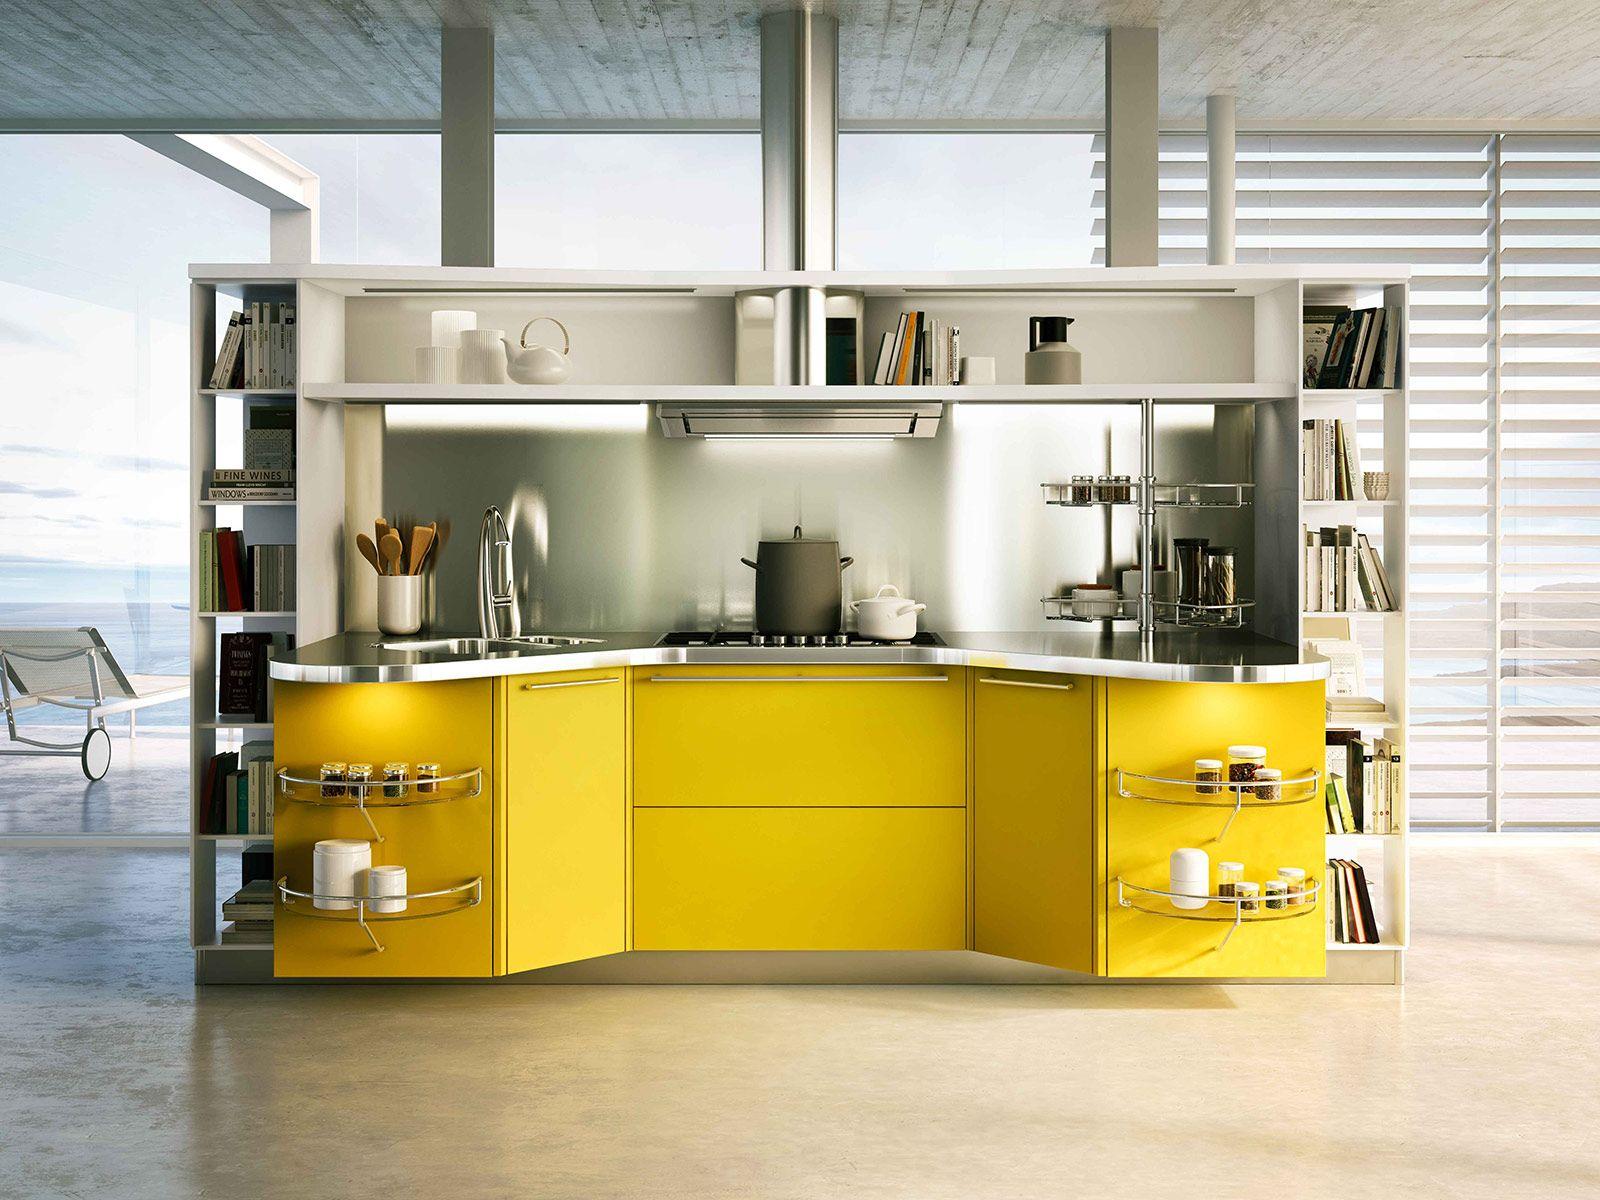 Cucine colorate. Come un quadro contemporaneo - Cose di ...